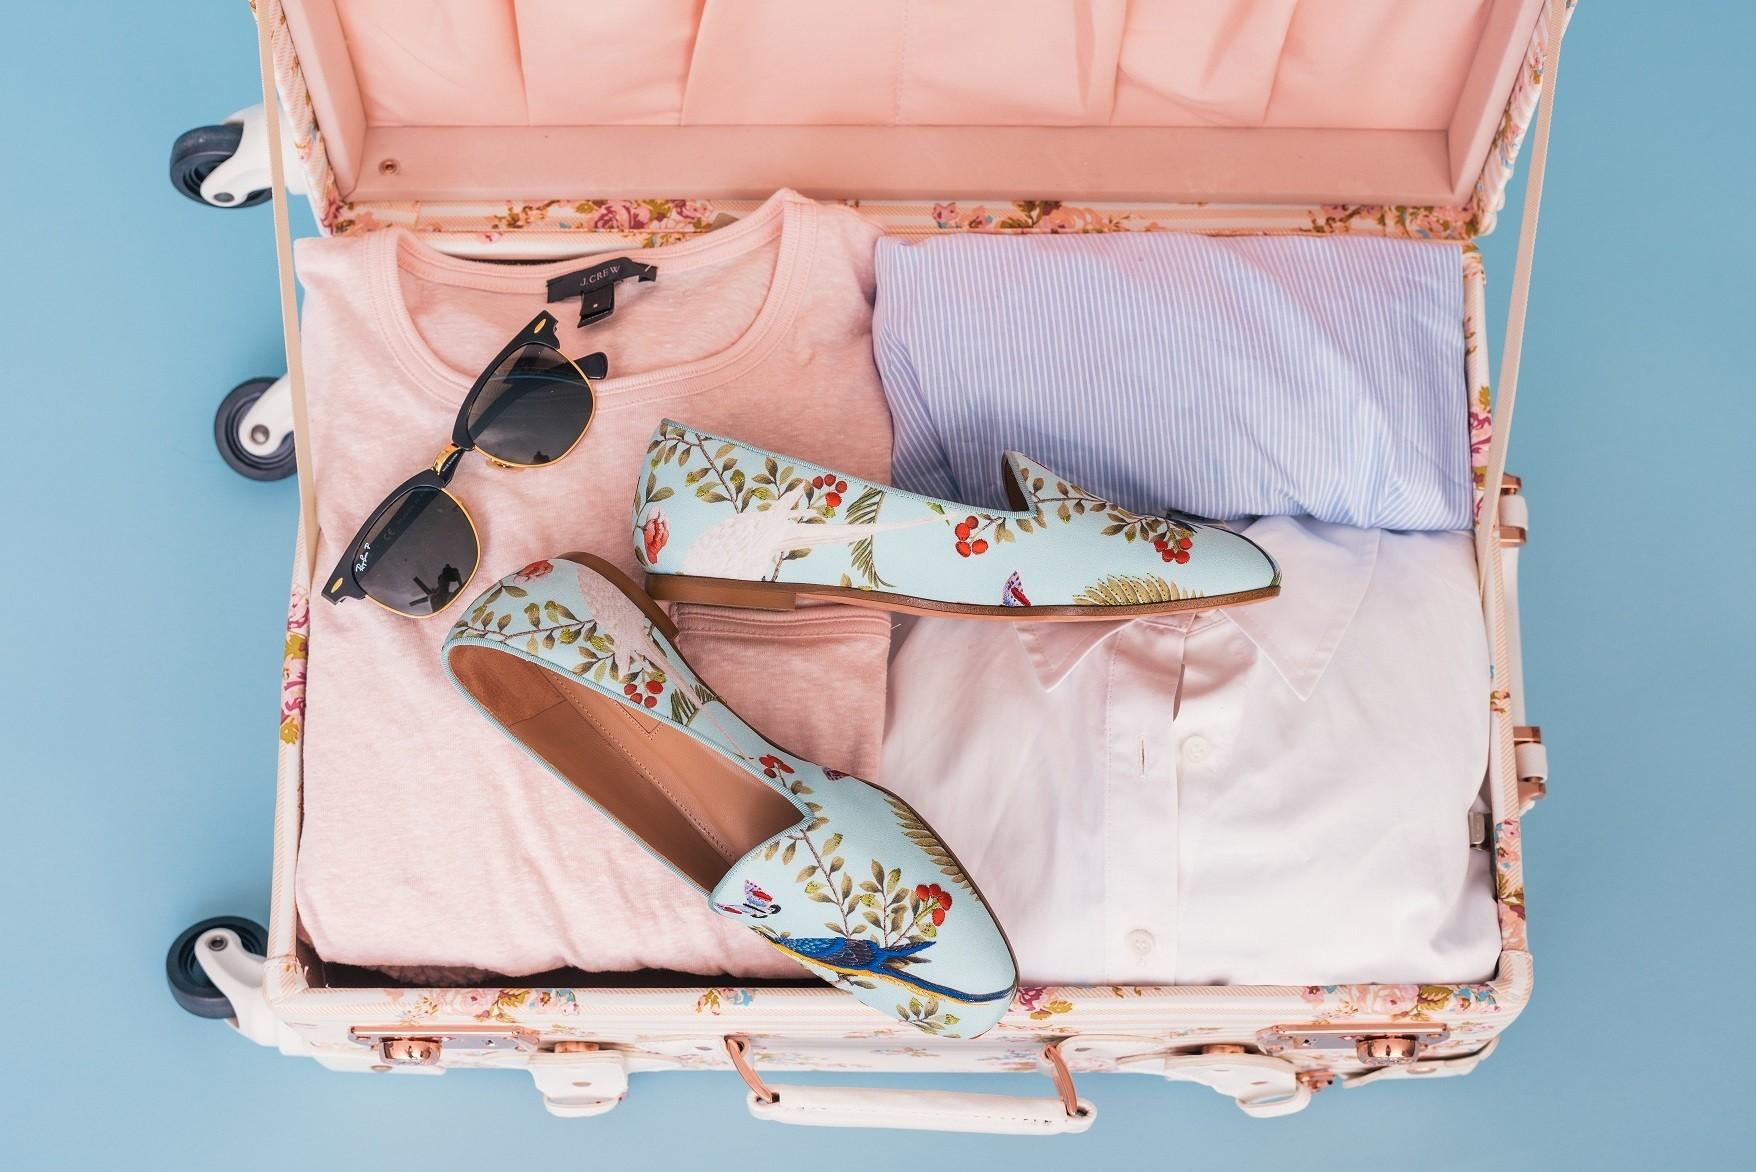 Få tips om hur du packar inför resan med smarta packlistor – AirHelp 0350a29942e73